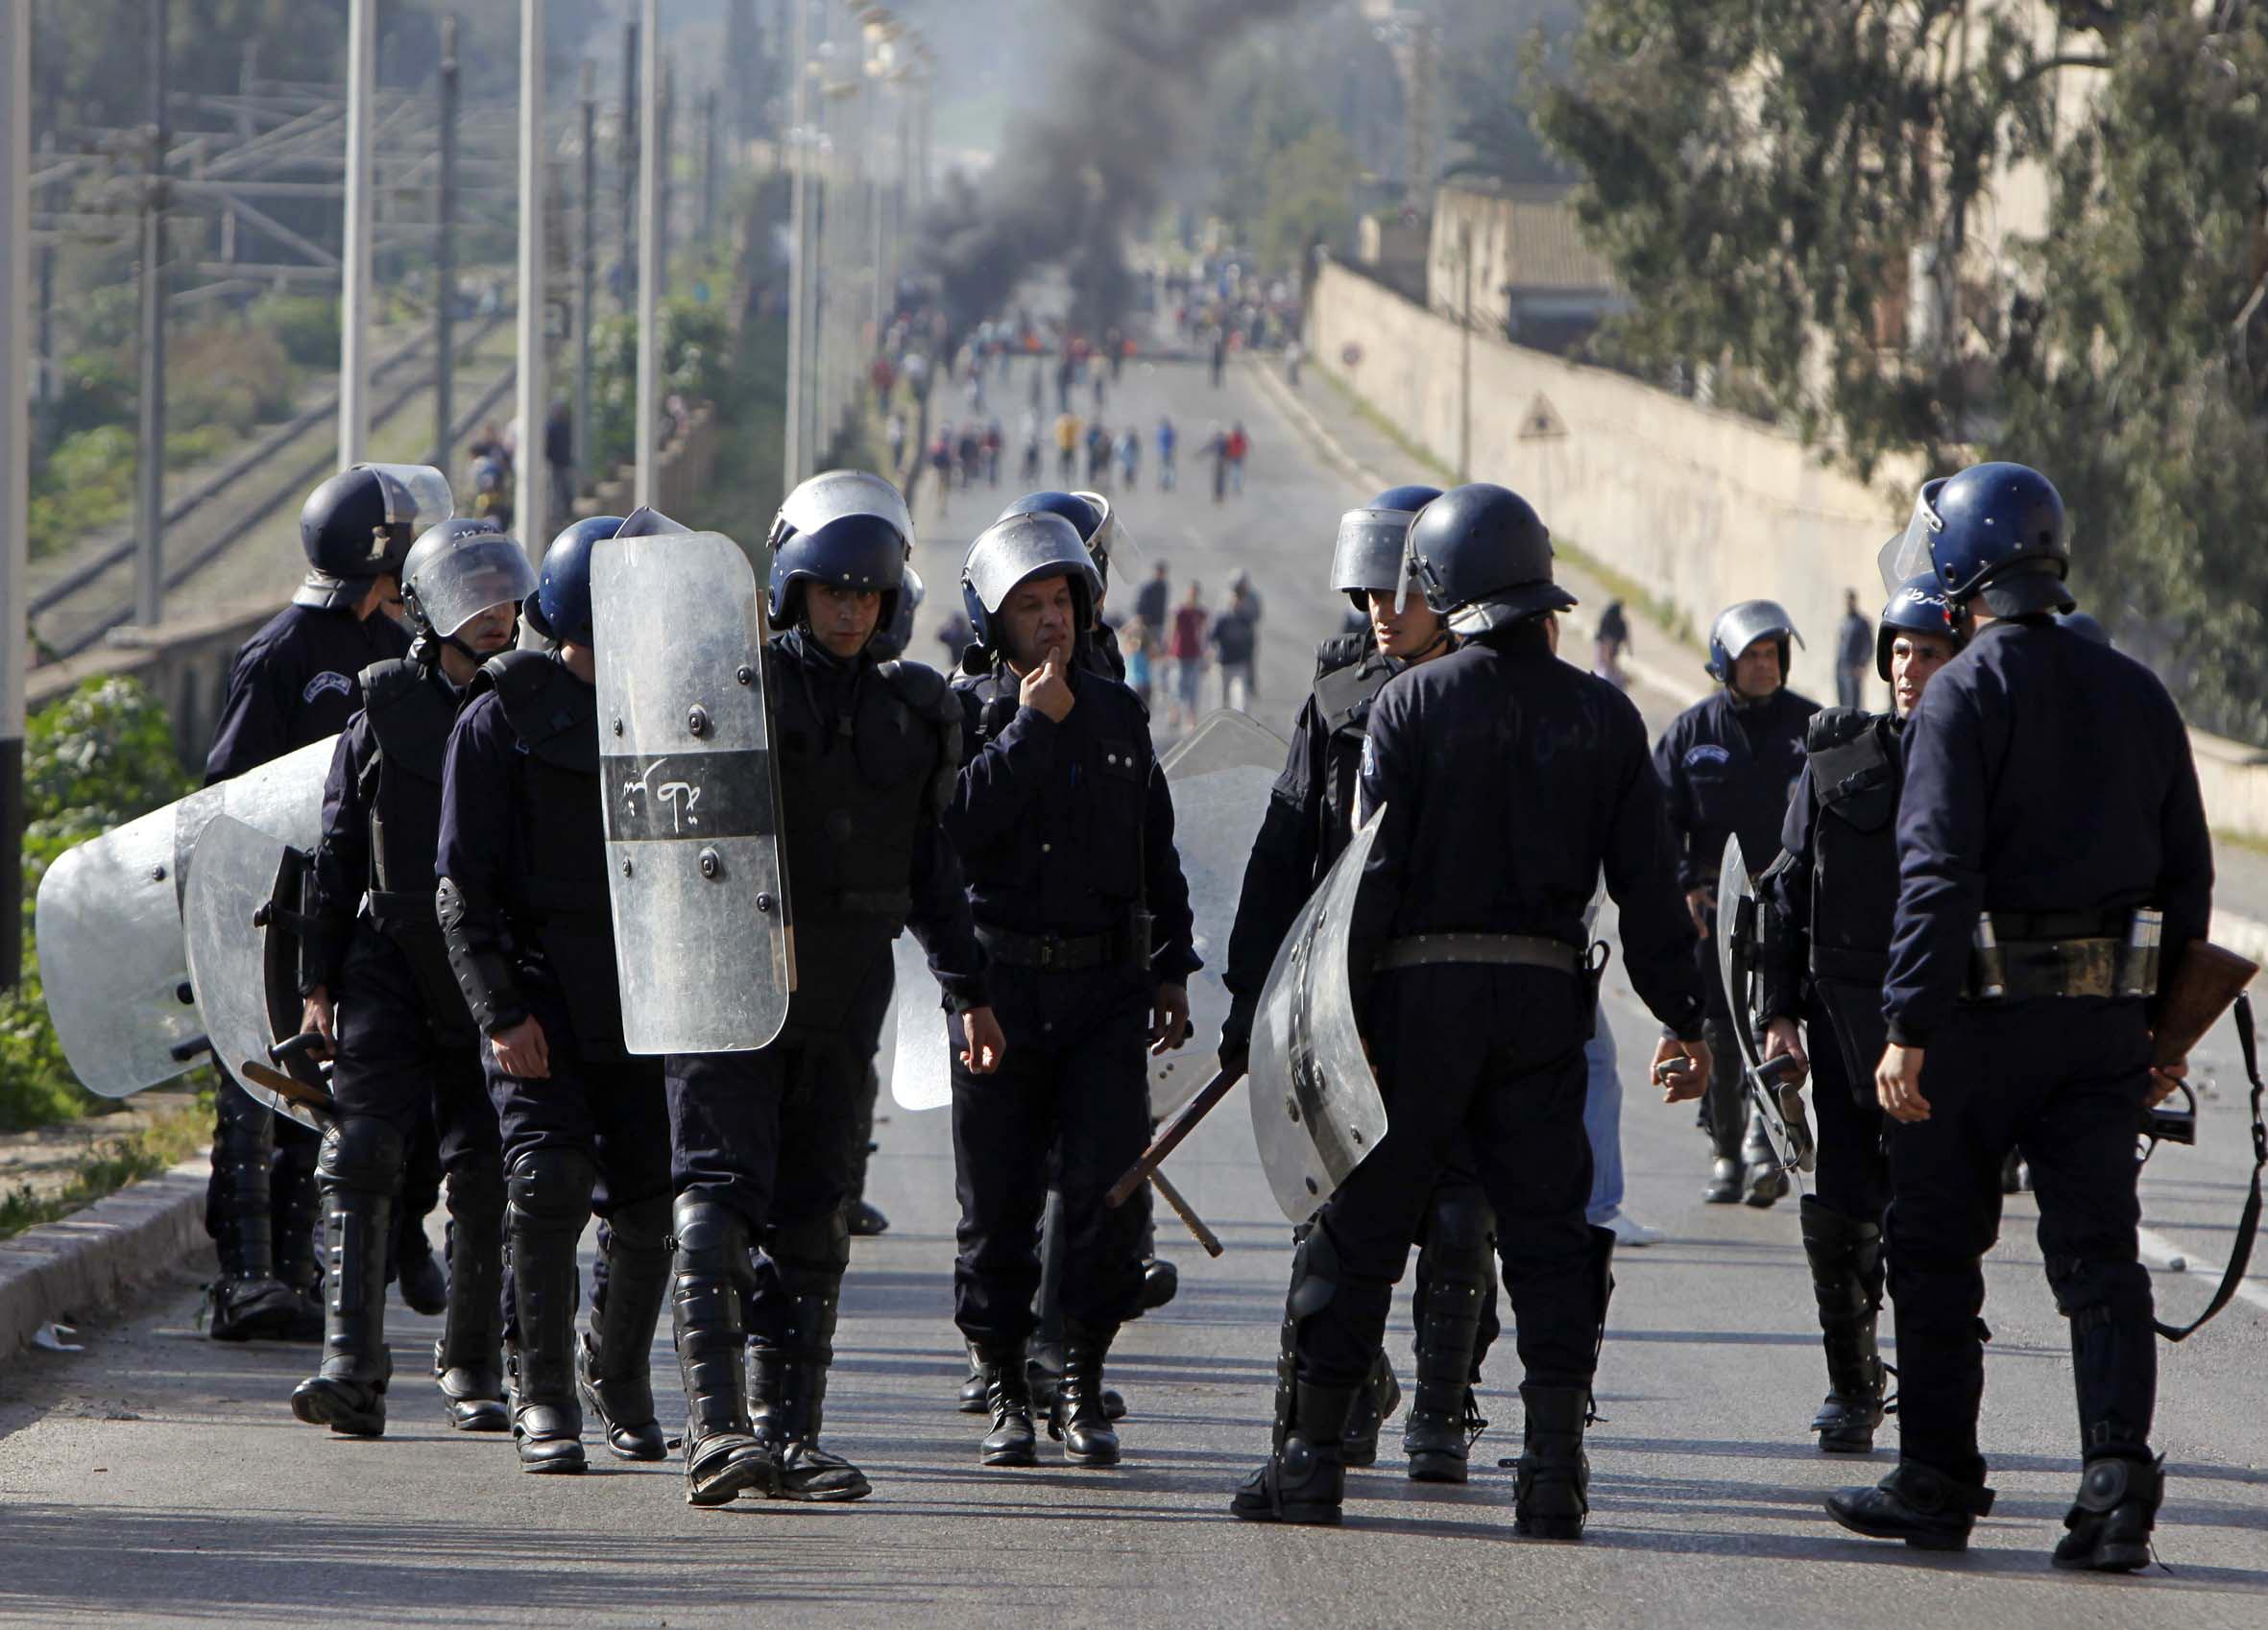 L'Afrique, terre d'expression de la « cruauté des entreprises chinoises » par des instruments anti-émeutes